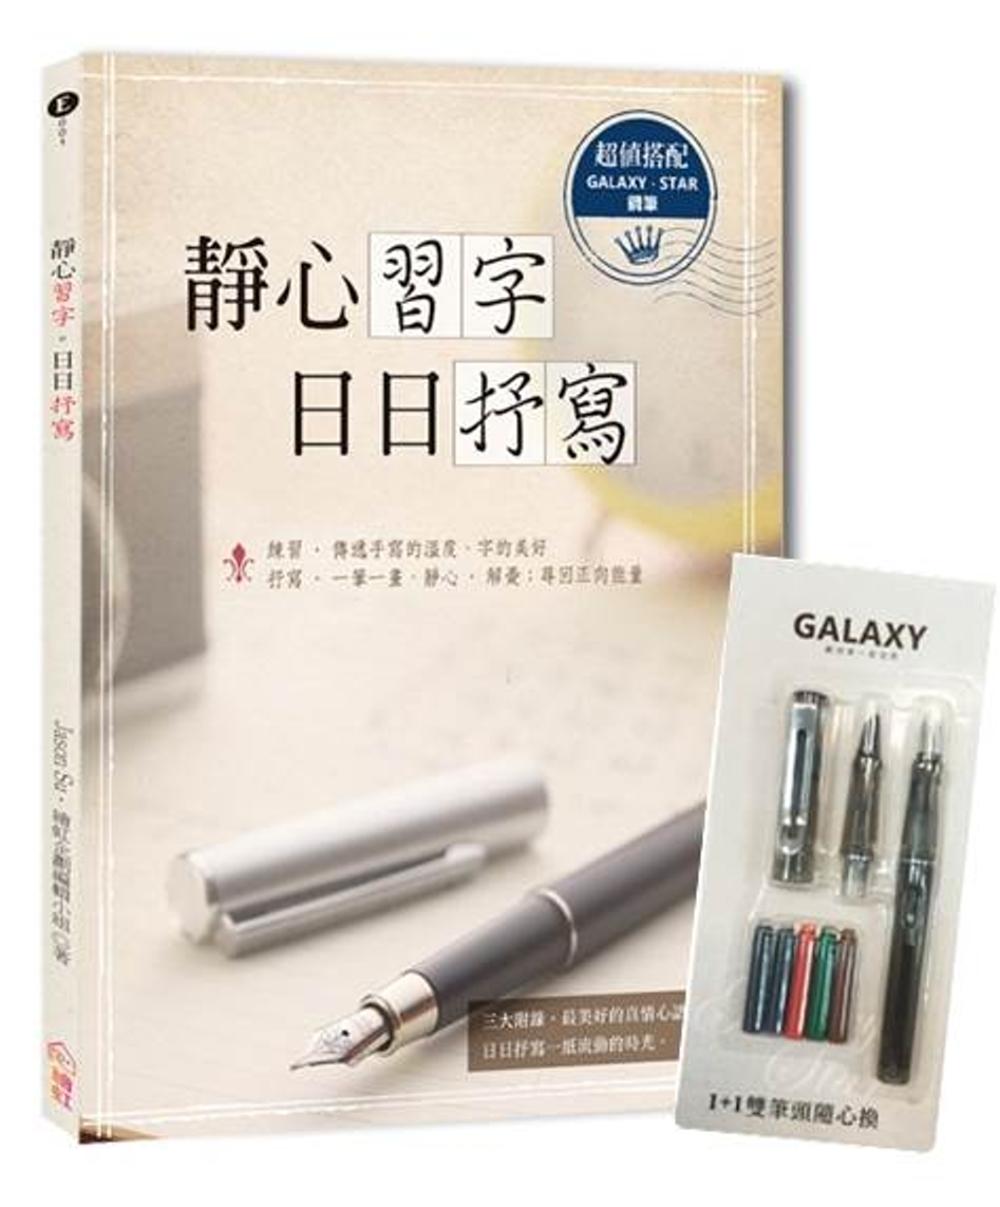 【Galaxy銀河系‧星空鋼筆組】+《靜心習字‧日日抒寫》附─( 1+1雙筆頭極細與中細2組鋼筆尖+5管彩色卡式墨水)